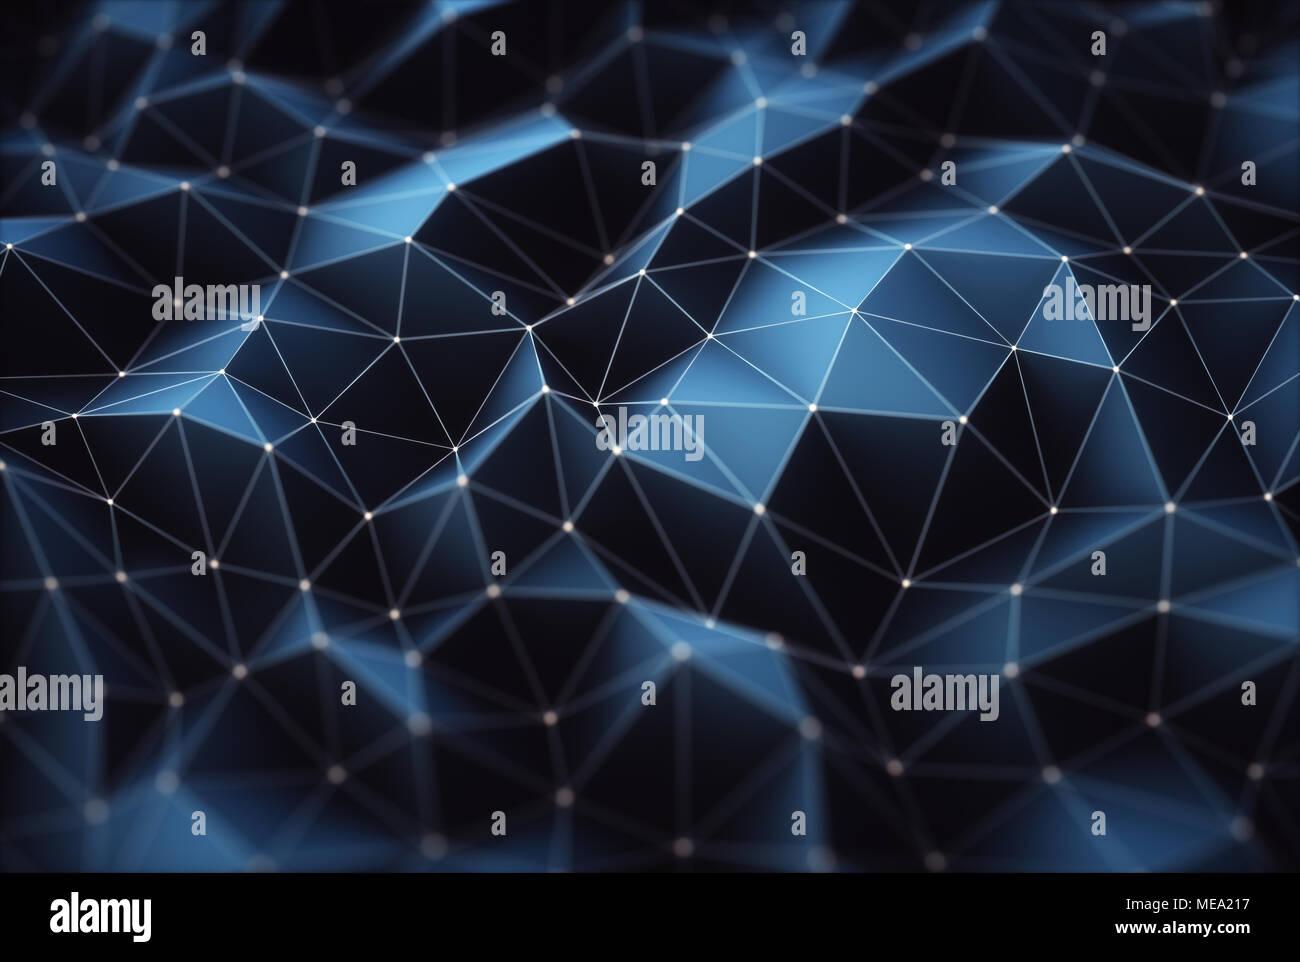 3D-Darstellung. Abstraktes Bild, Verbindungen in Linien und geometrische Formen. Konzept der Technologie für den Einsatz als Hintergrund. Stockbild